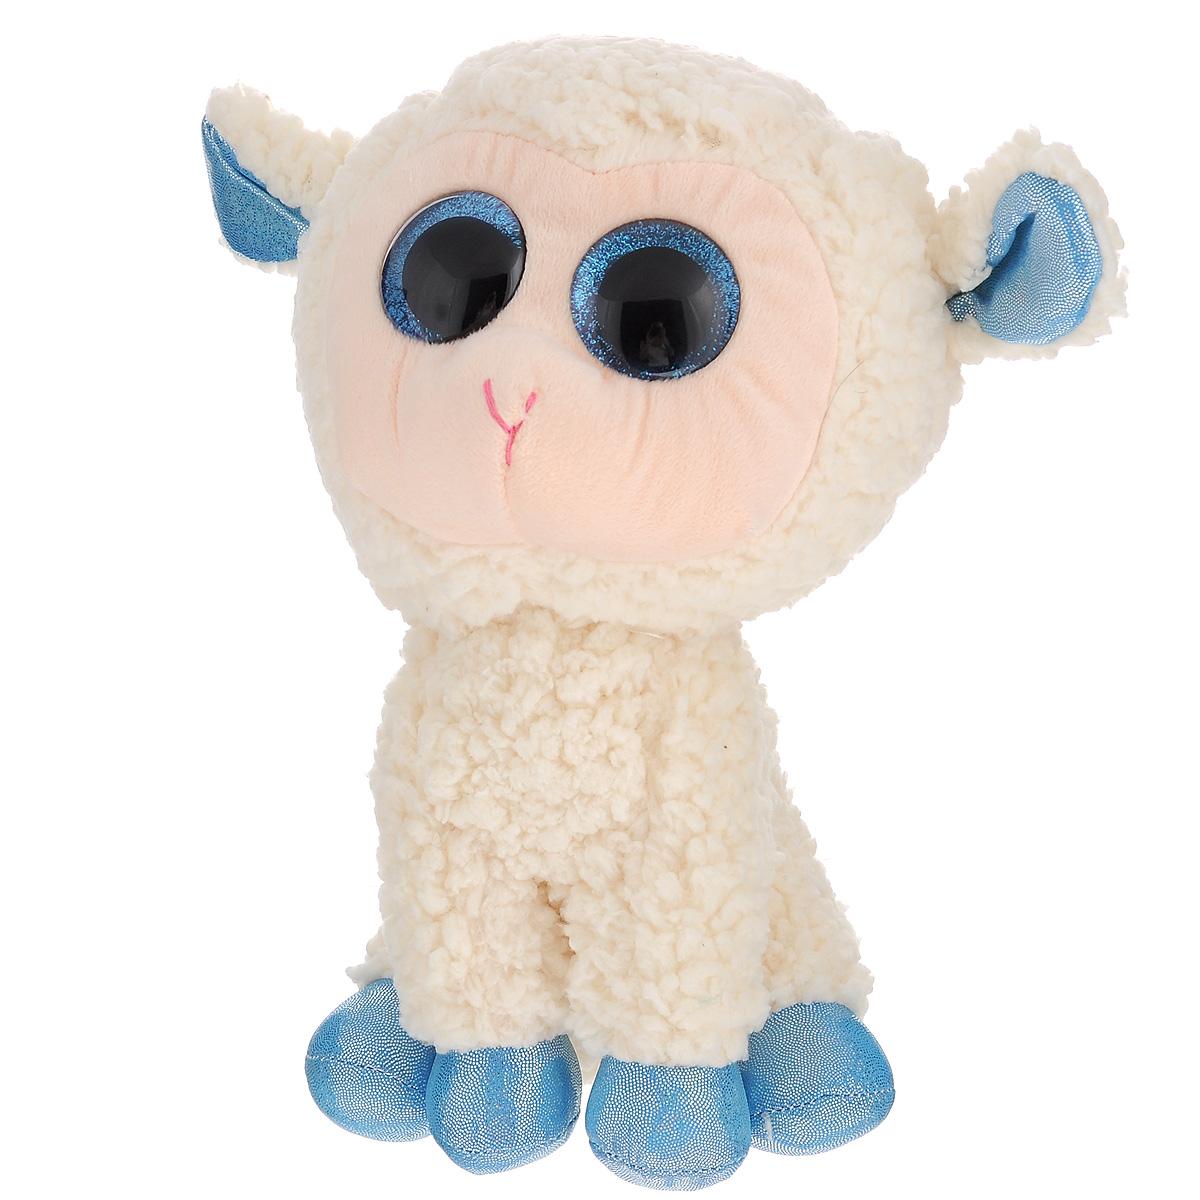 Мягкая игрушка Beanie Boos Овечка Olga, 23 см36133Очаровательная мягкая игрушка Beanie Boos Овечка Olga, выполненная в виде милой овечки, непременно вызовет улыбку и симпатию и у детей, и у взрослых. Трогательная овечка с выразительными пластиковыми глазками выполнена из высококачественного текстильного материала с набивкой из синтепона. Специальные гранулы, также используемые при набивке игрушки, способствуют развитию мелкой моторики рук малыша. Как и все игрушки серии Beanie Boos, овечка изготовлена вручную с любовью и вниманием к деталям. Удивительно мягкая игрушка принесет радость и подарит своему обладателю мгновения нежных объятий и приятных воспоминаний. Великолепное качество исполнения делают эту игрушку чудесным подарком к любому празднику.